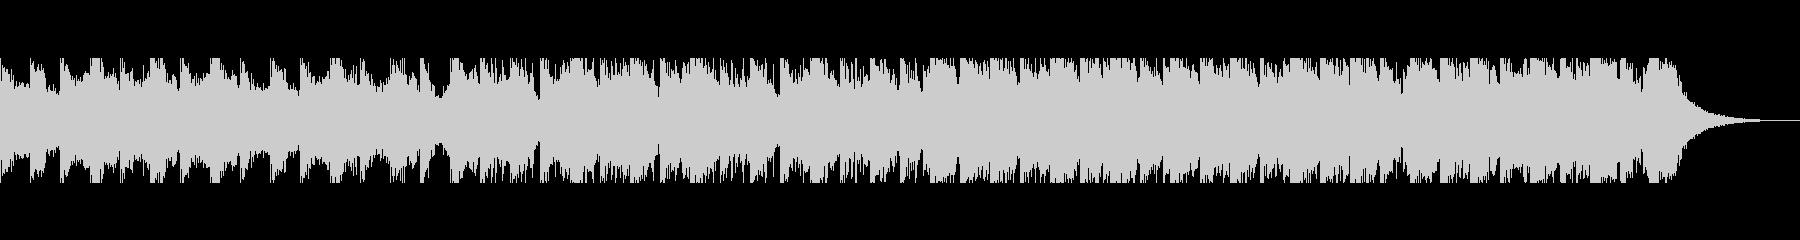 砂漠のキャラバン(90秒)の未再生の波形